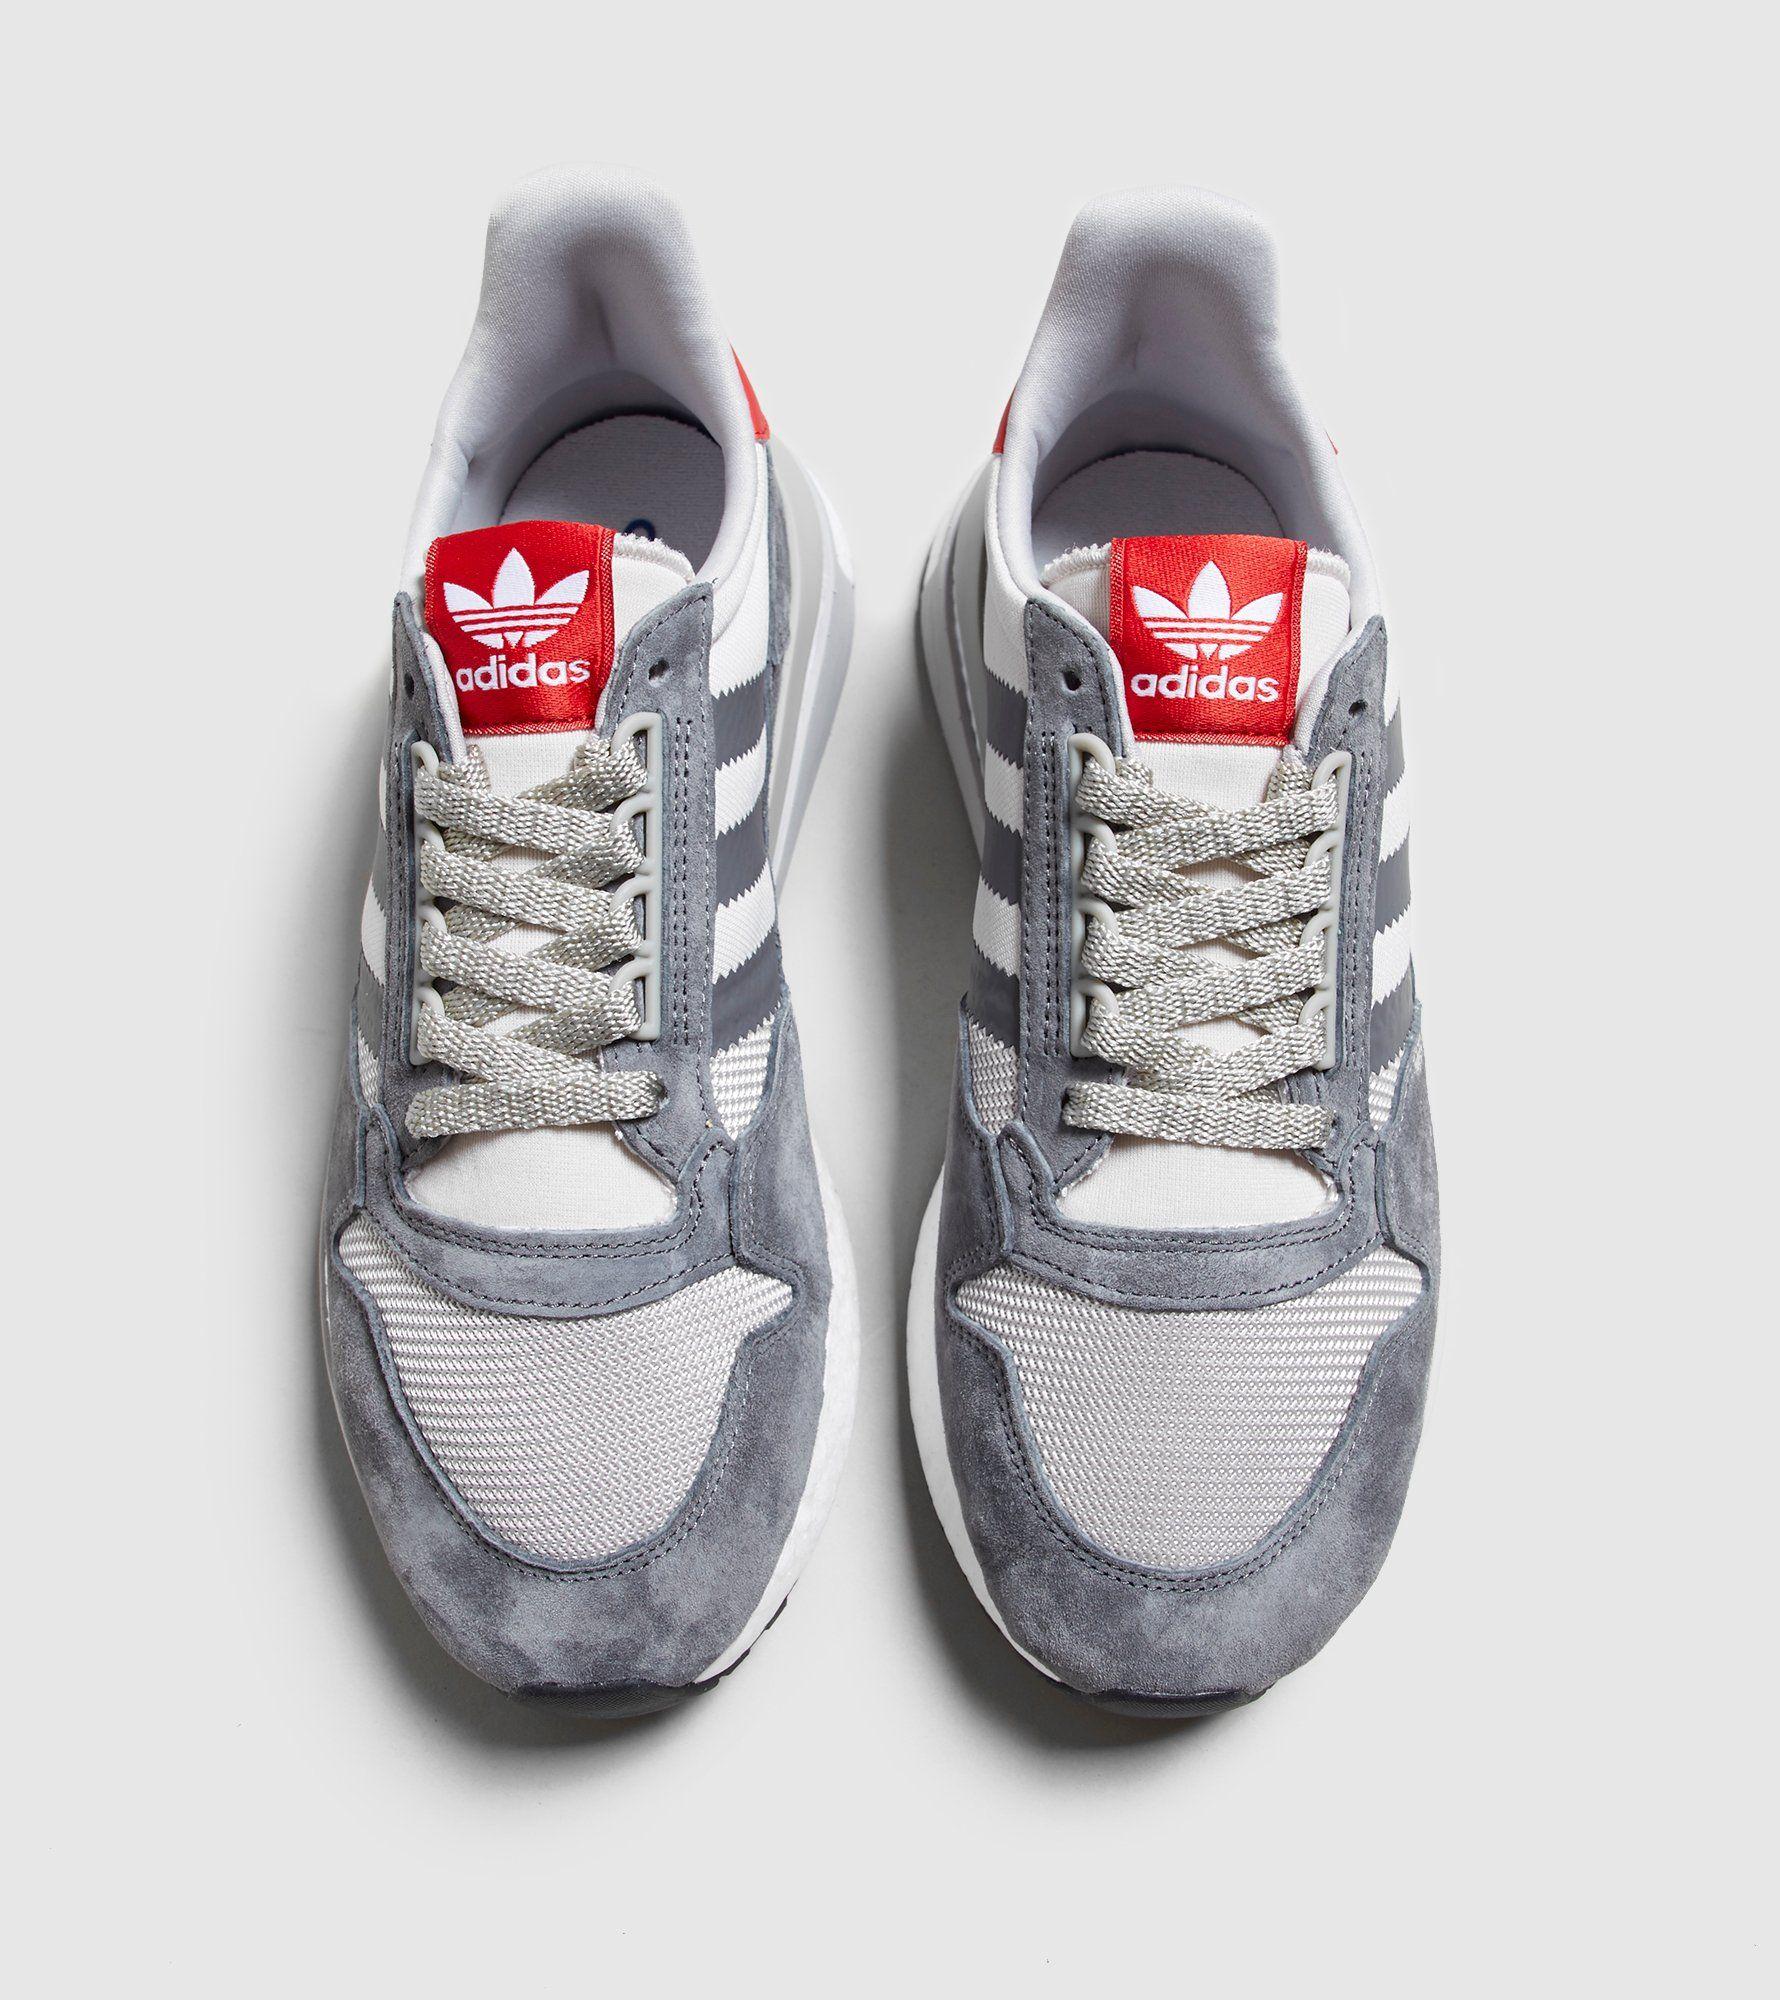 11a25191670b7 ... sale adidas originals zx500 og boost b6354 372a6